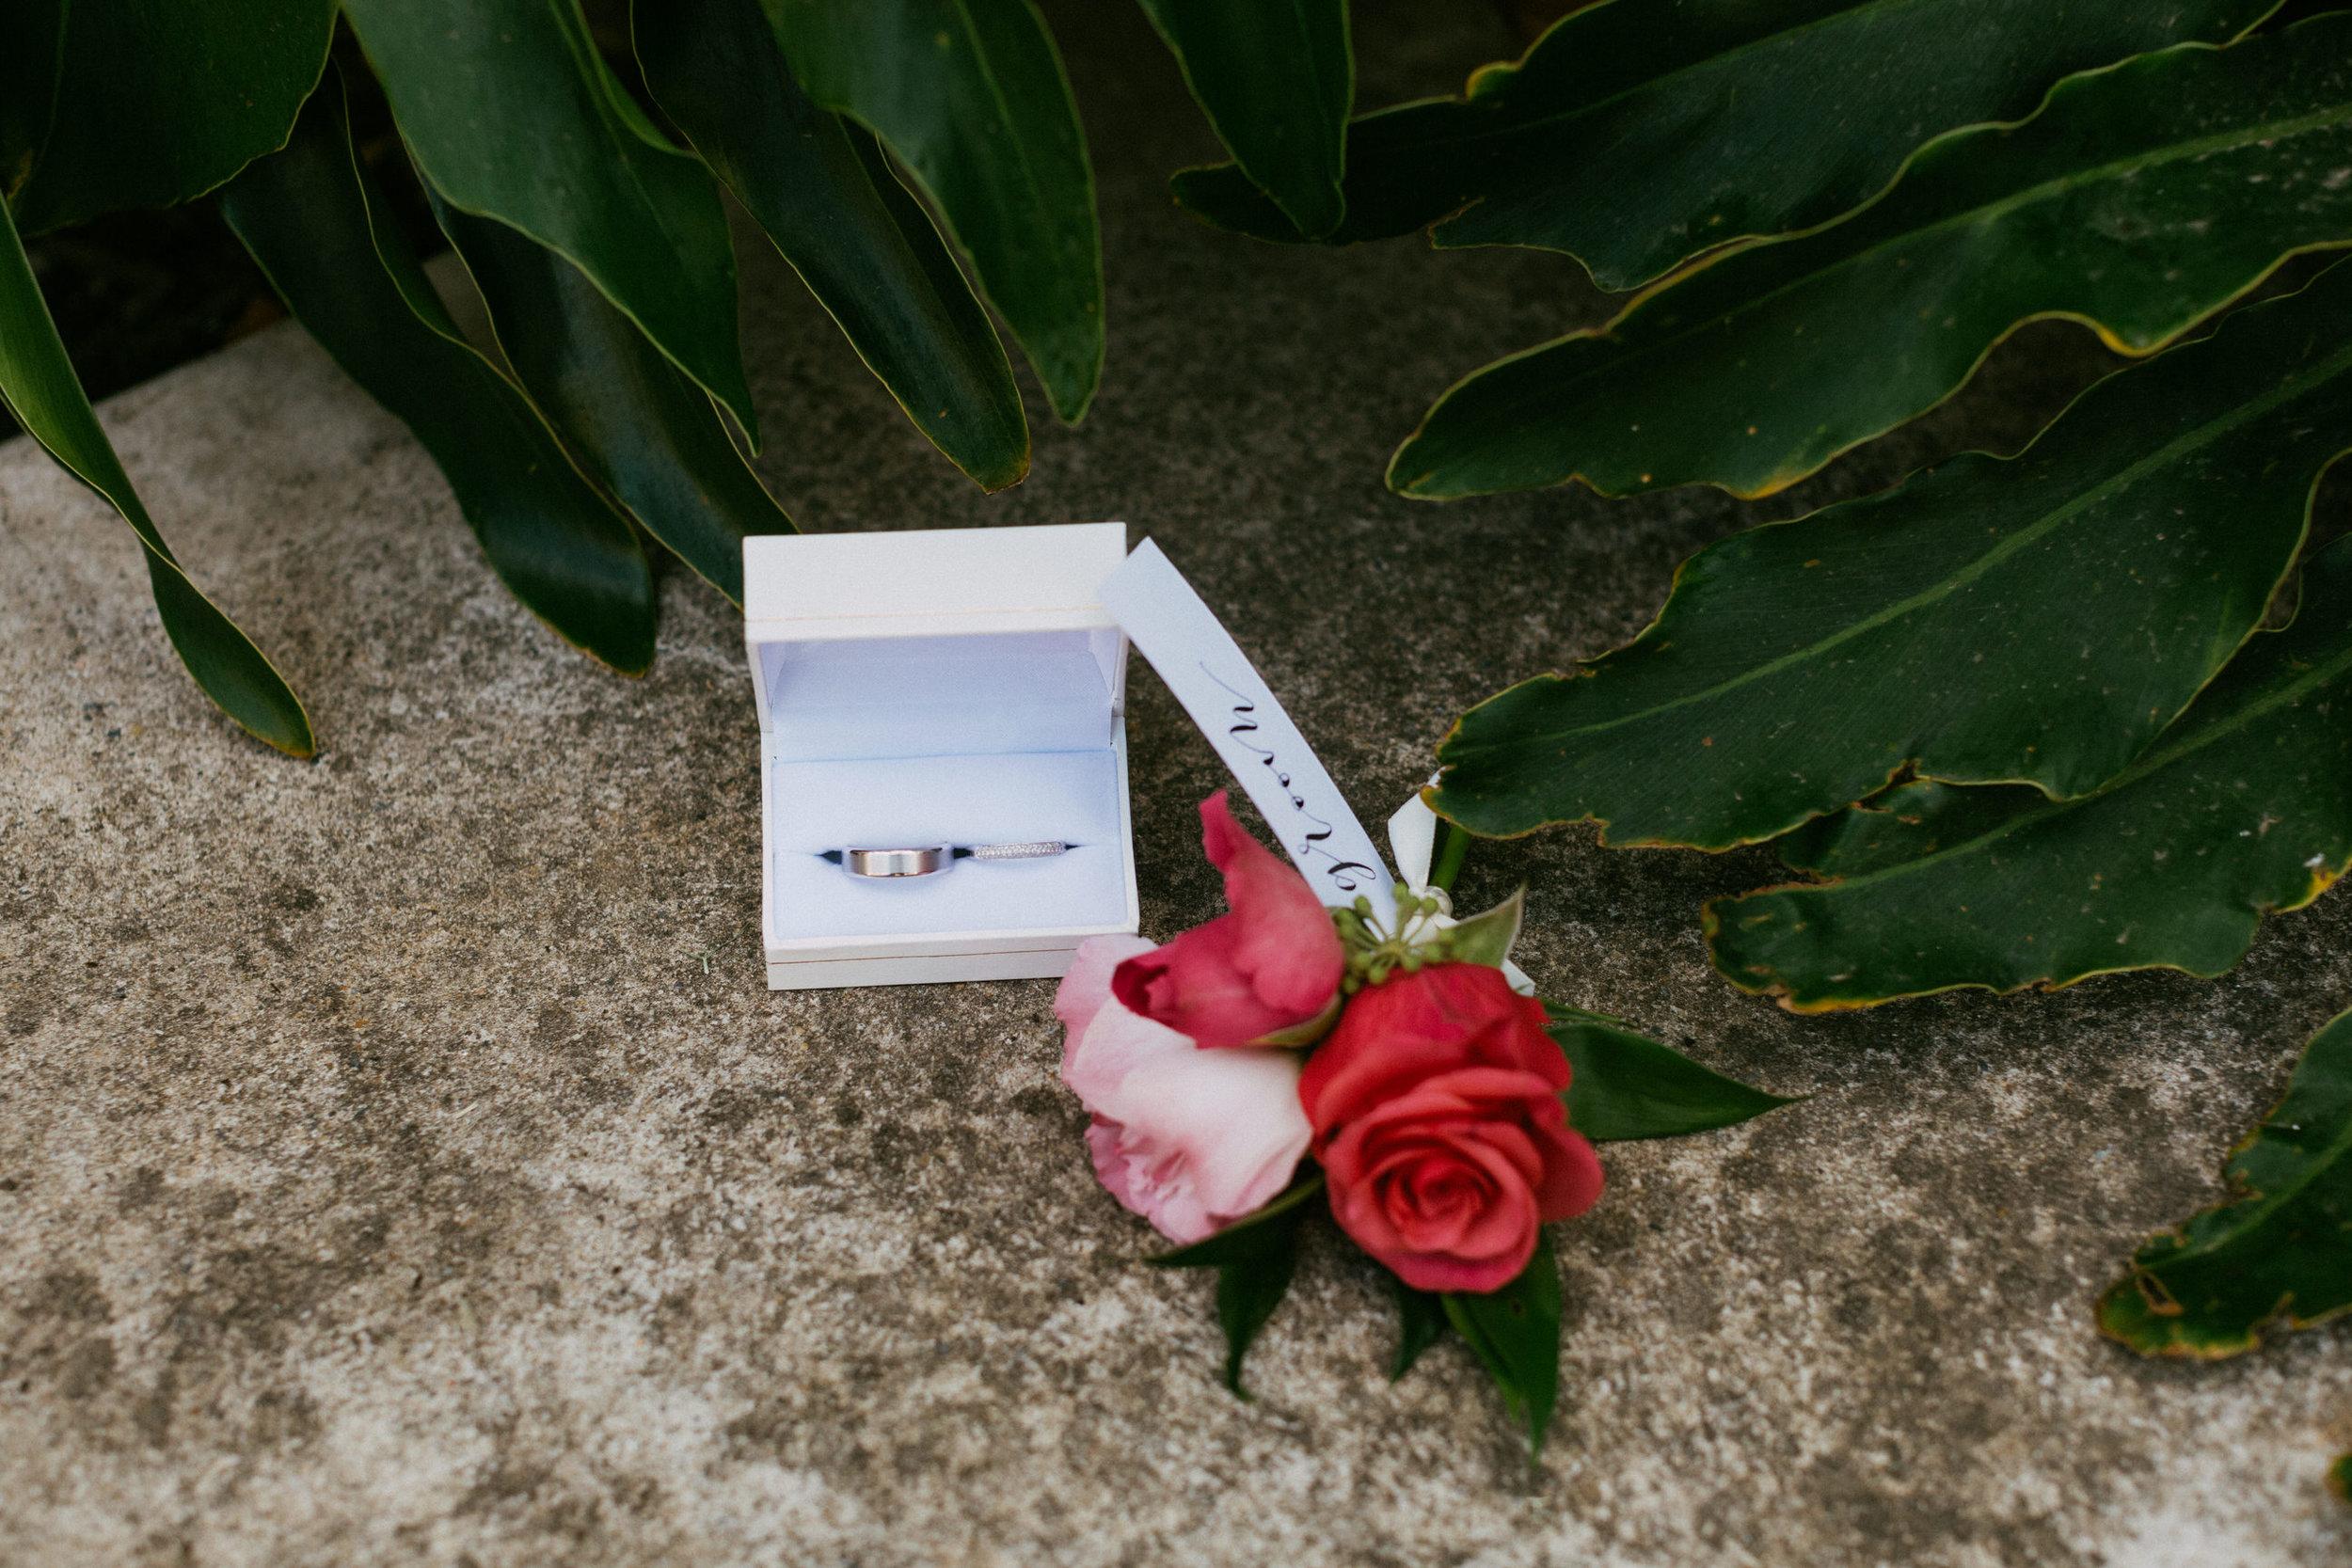 Adelaide City Fringe Garden Unearthly Delight Wedding 002.jpg